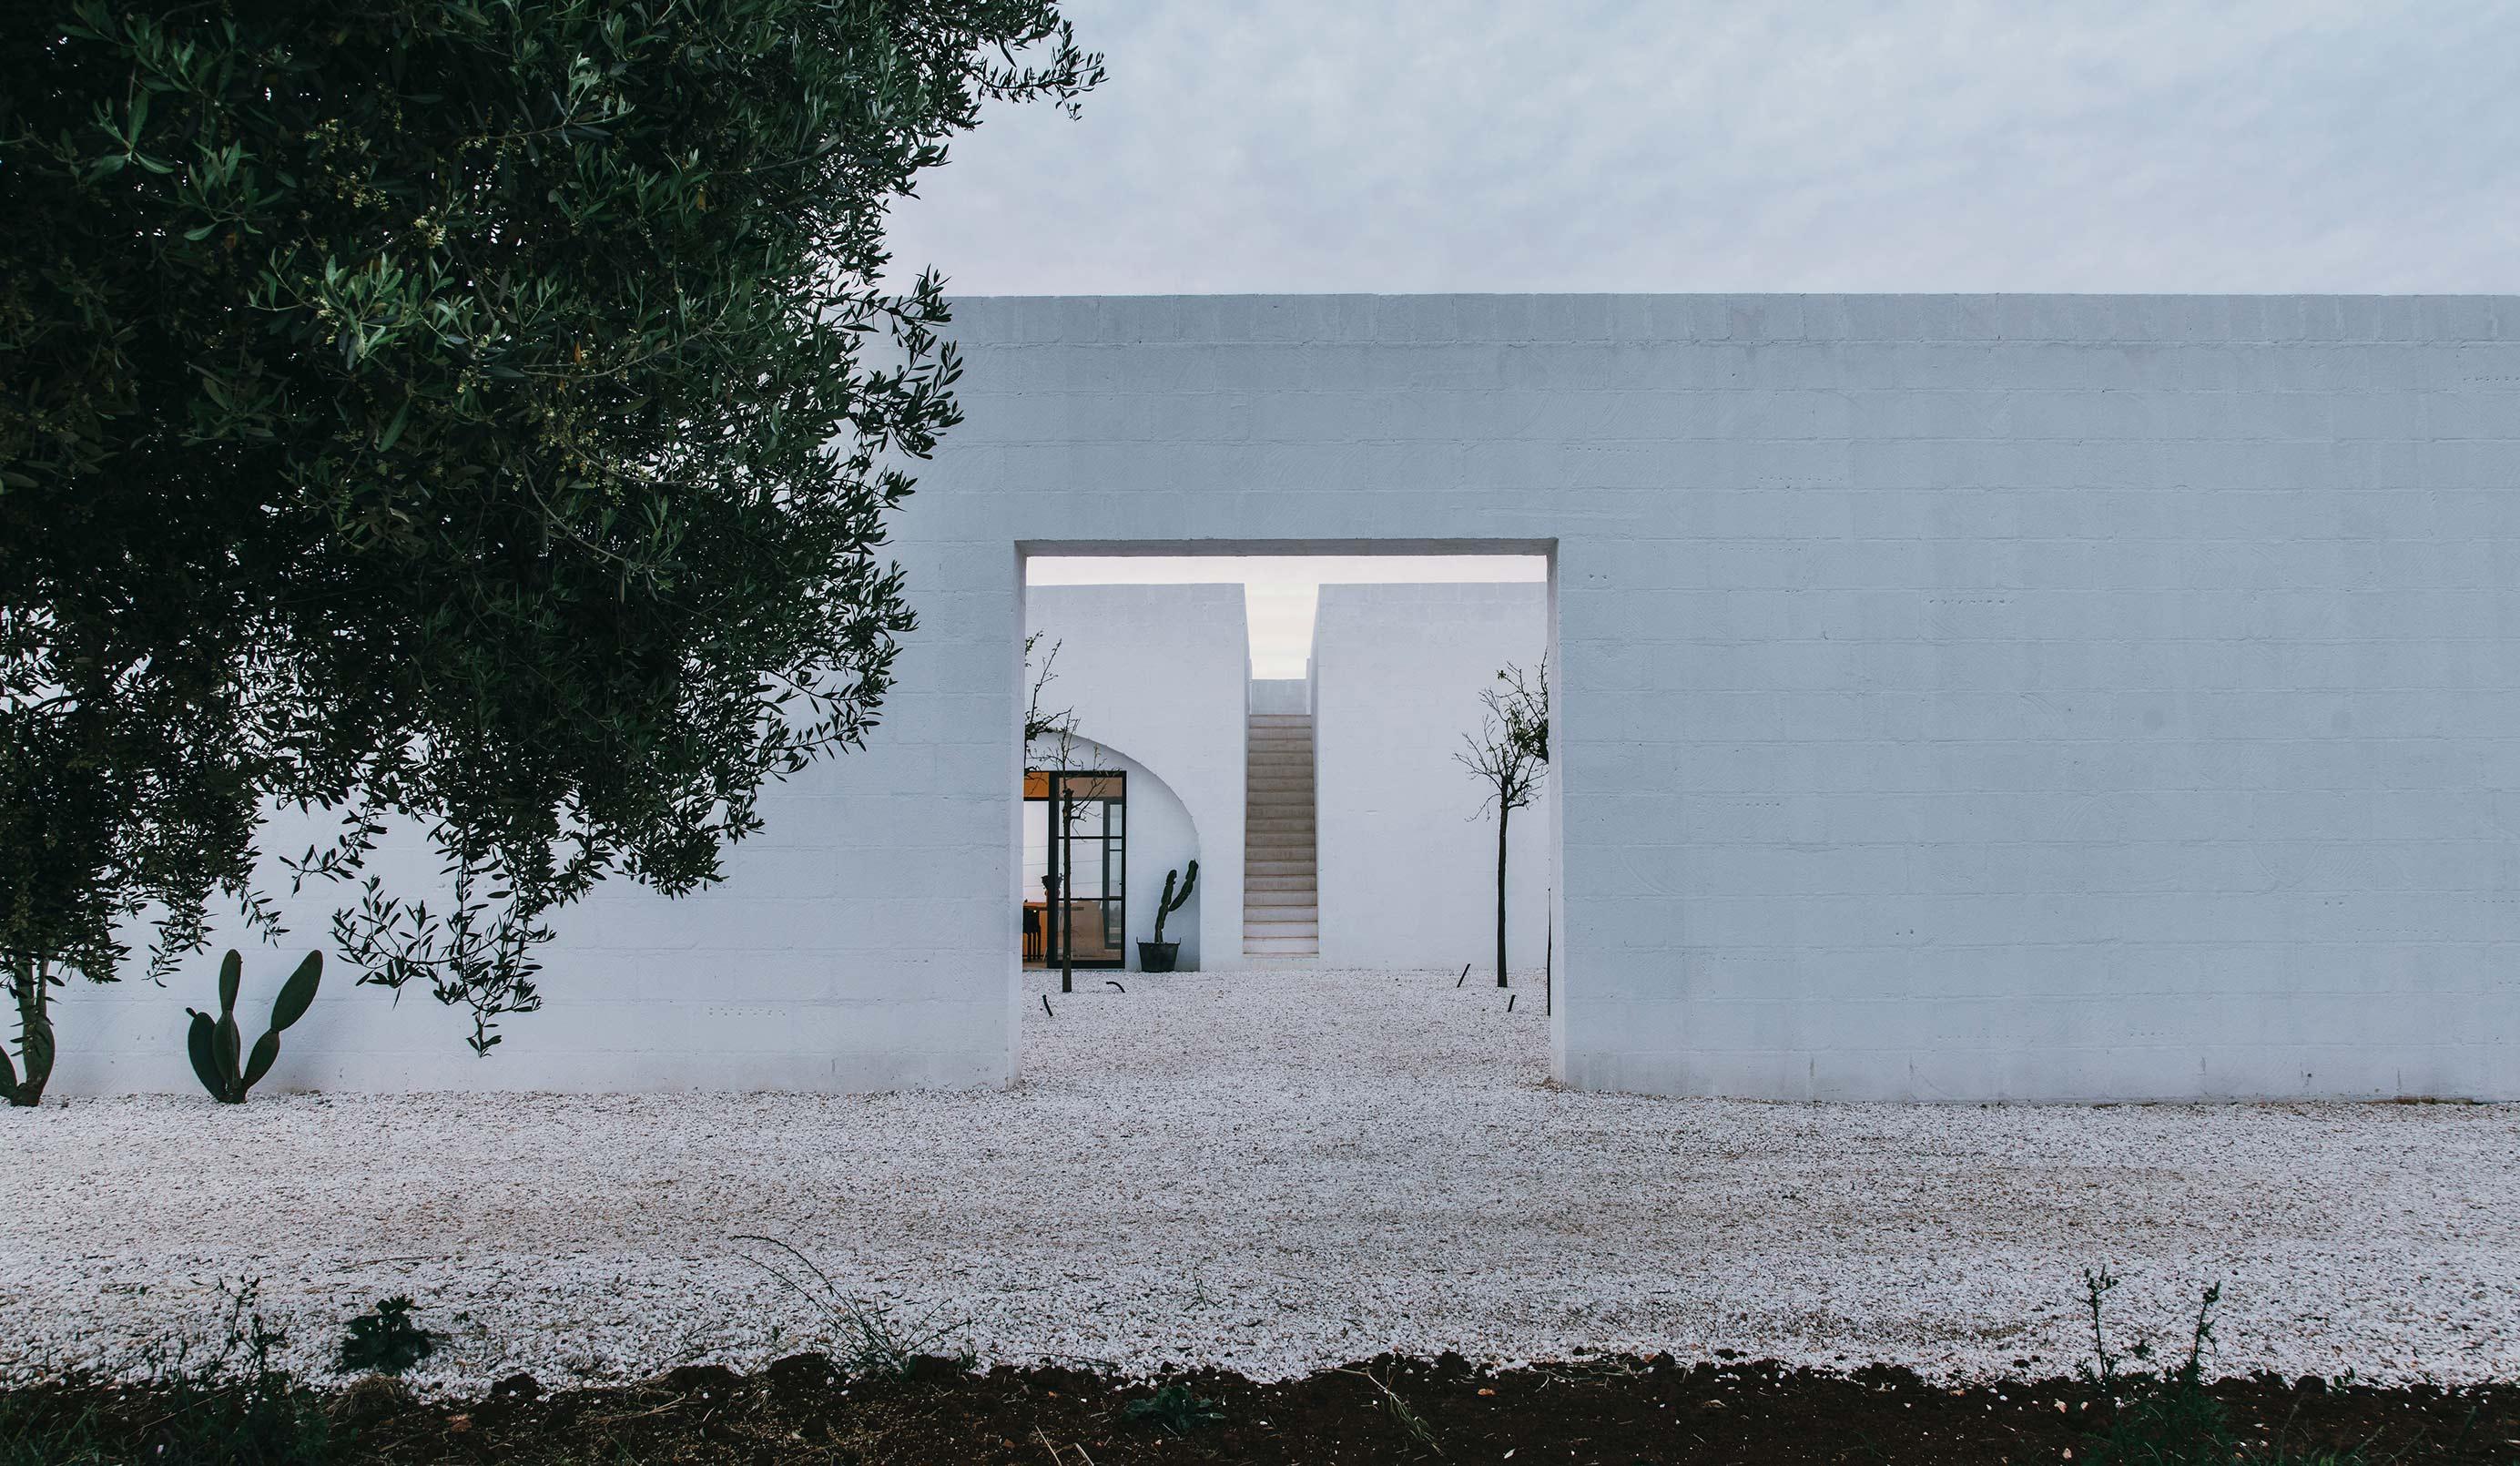 Architetti Famosi Antichi le masserie dei grandi architetti in puglia | artribune